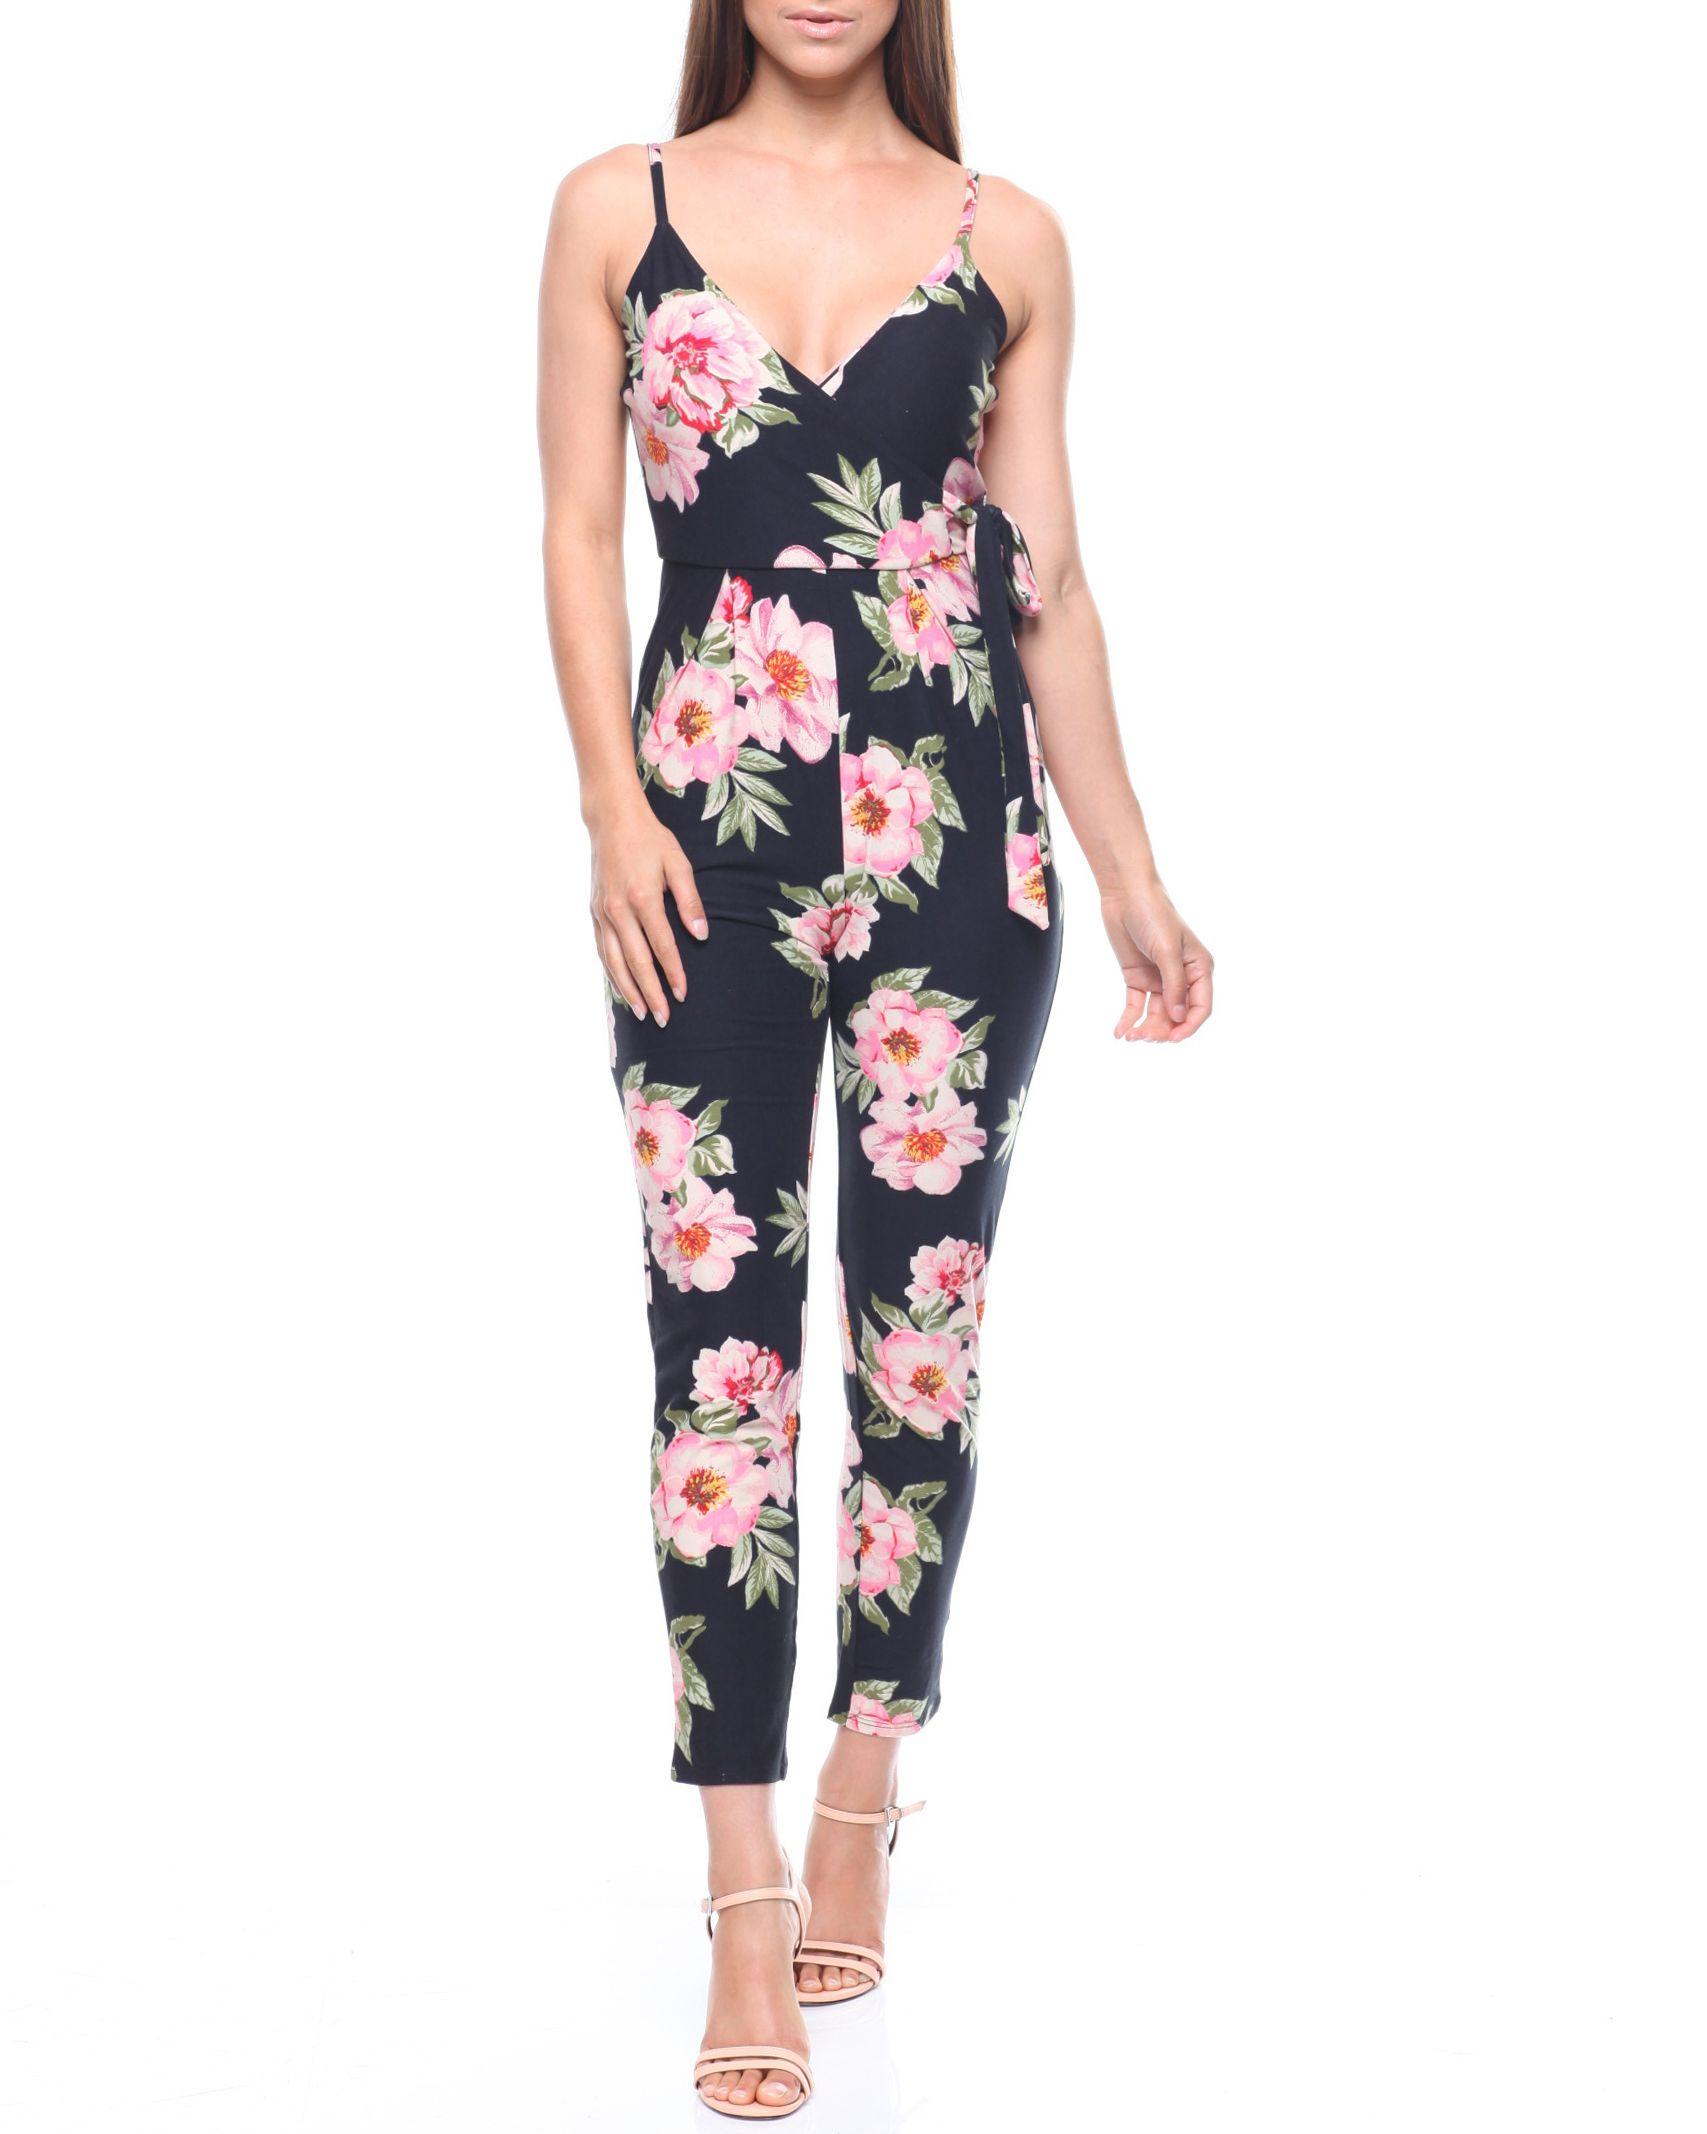 85f711ec245 Floral Tie Waist Surplus Jumpsuit Women s Jumpsuits from DEREK HEART. Find DEREK  HEART fashion   more at DrJays.com